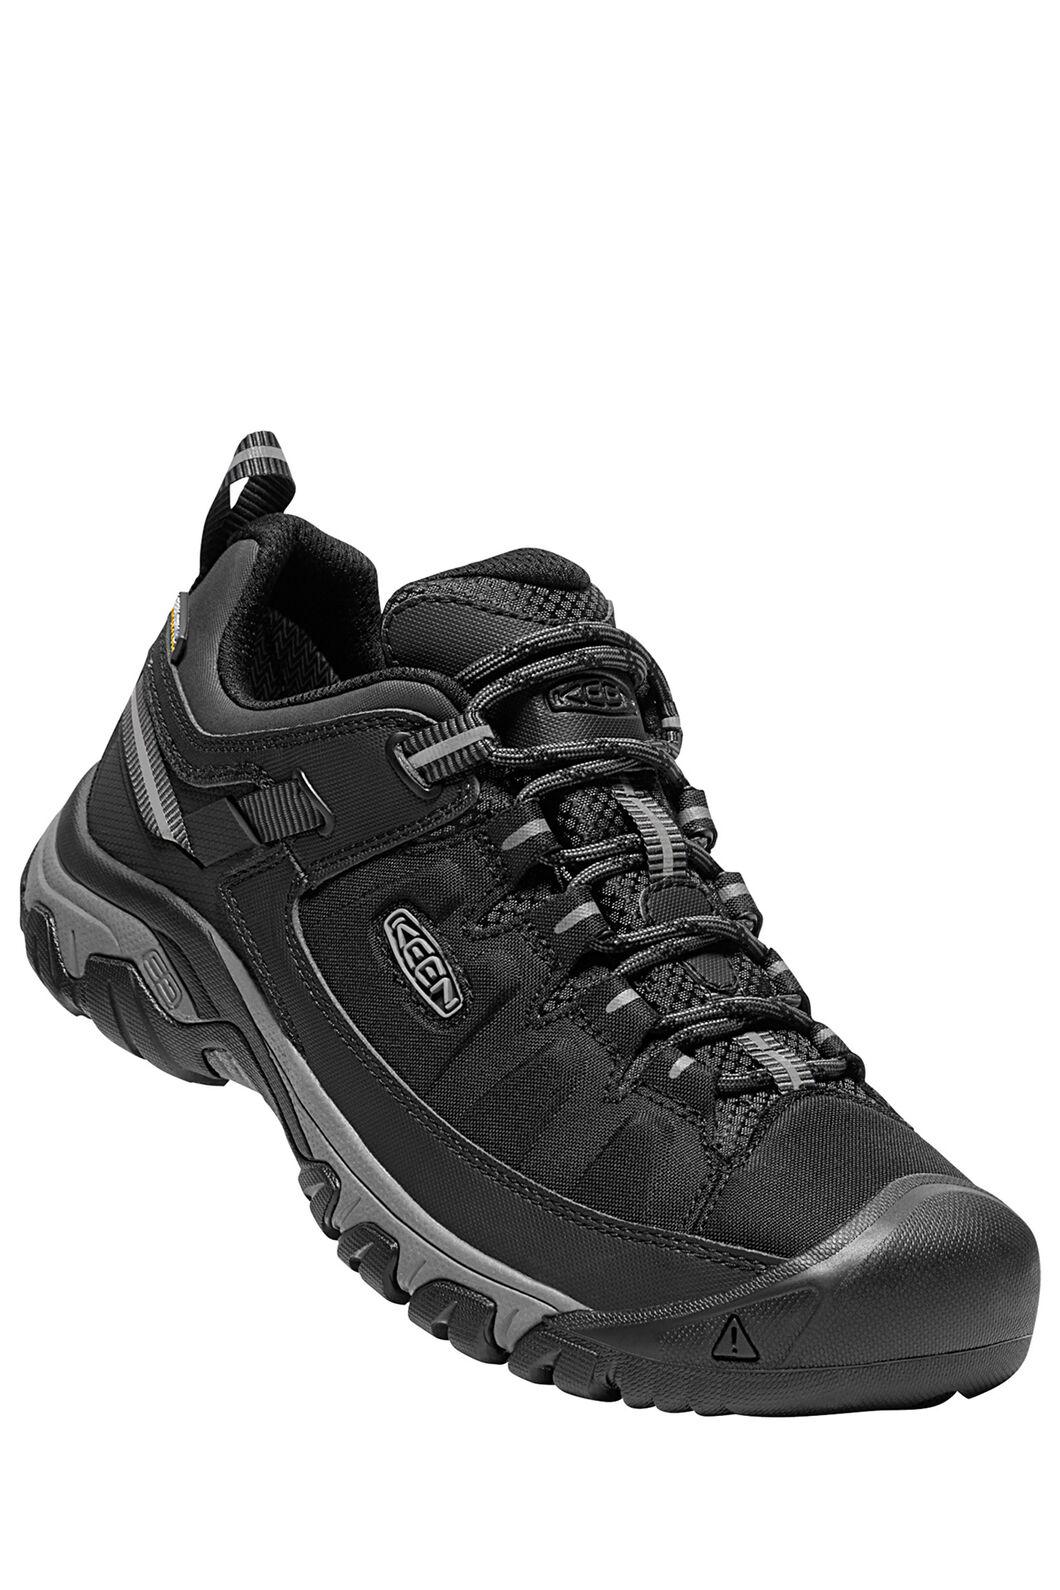 KEEN Men's Targhee EXP WP Hiking Shoes, Black/Steel Grey, hi-res